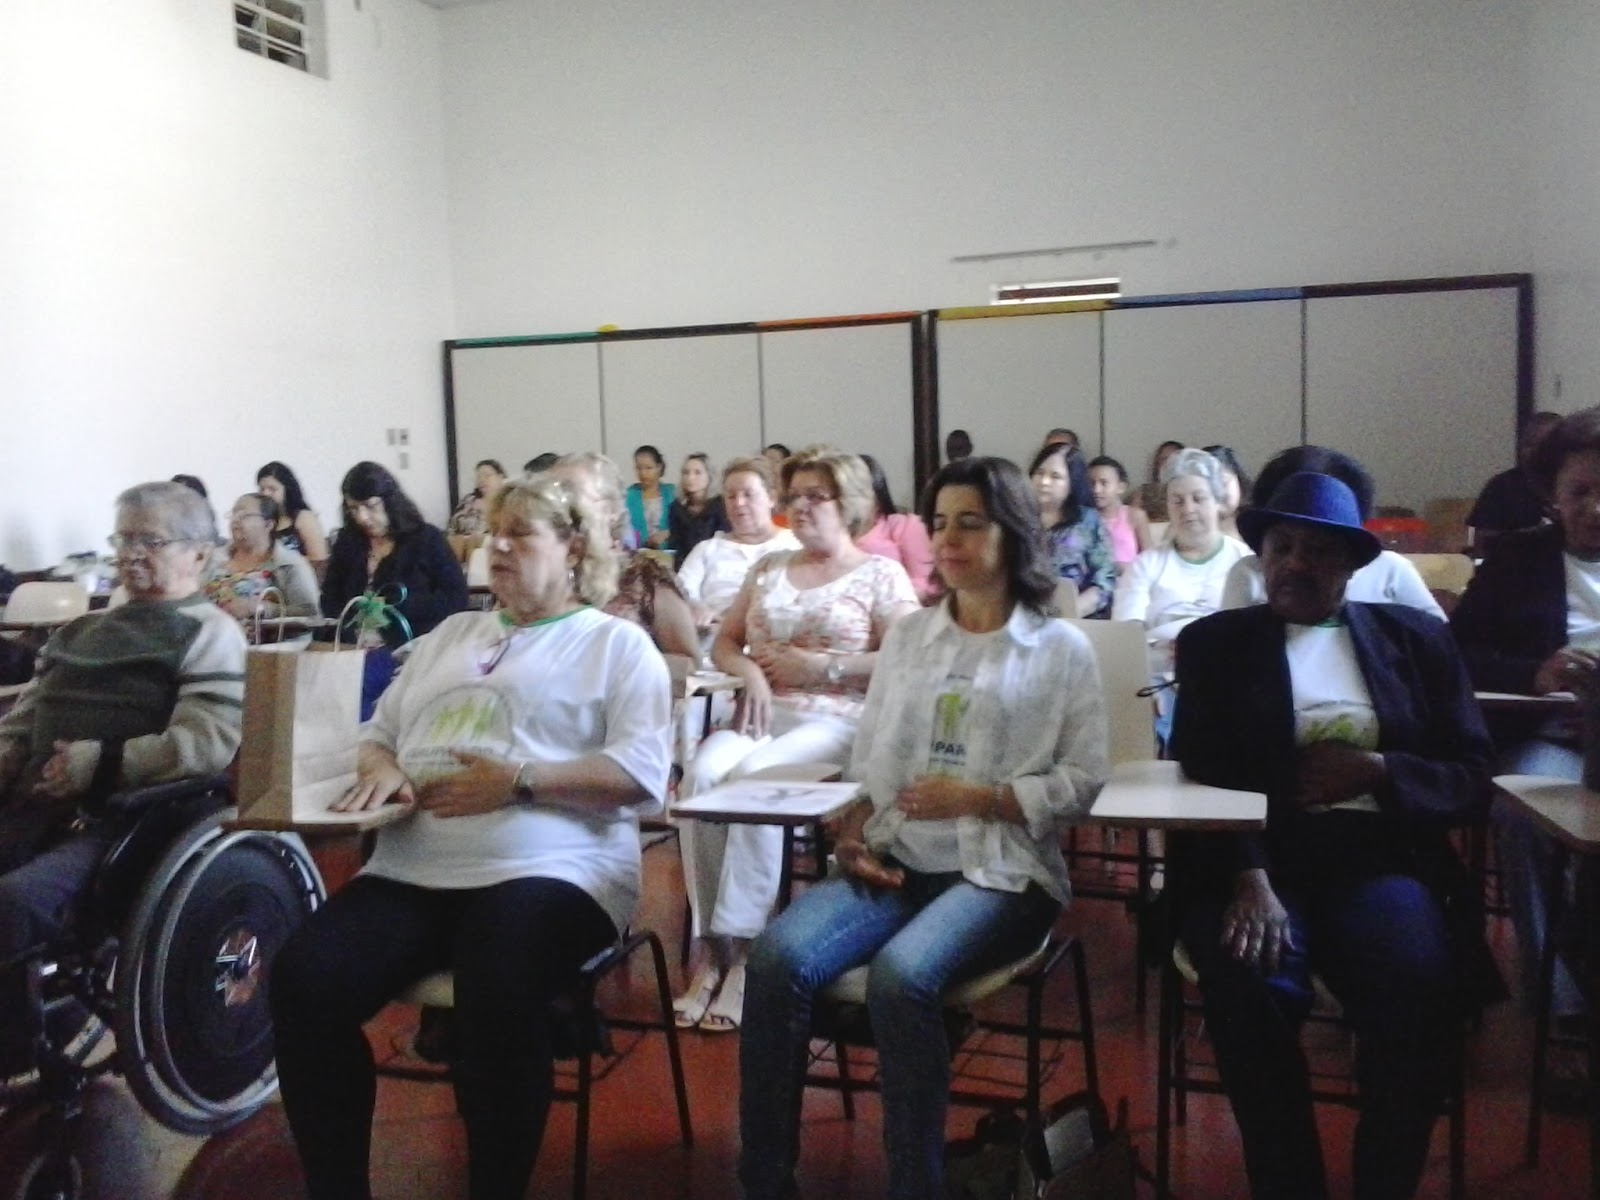 #623D35  encontro de pacientes reumático de Ribeirão Preto e região GrupAR 682 Janelas Pvc Ribeirao Preto